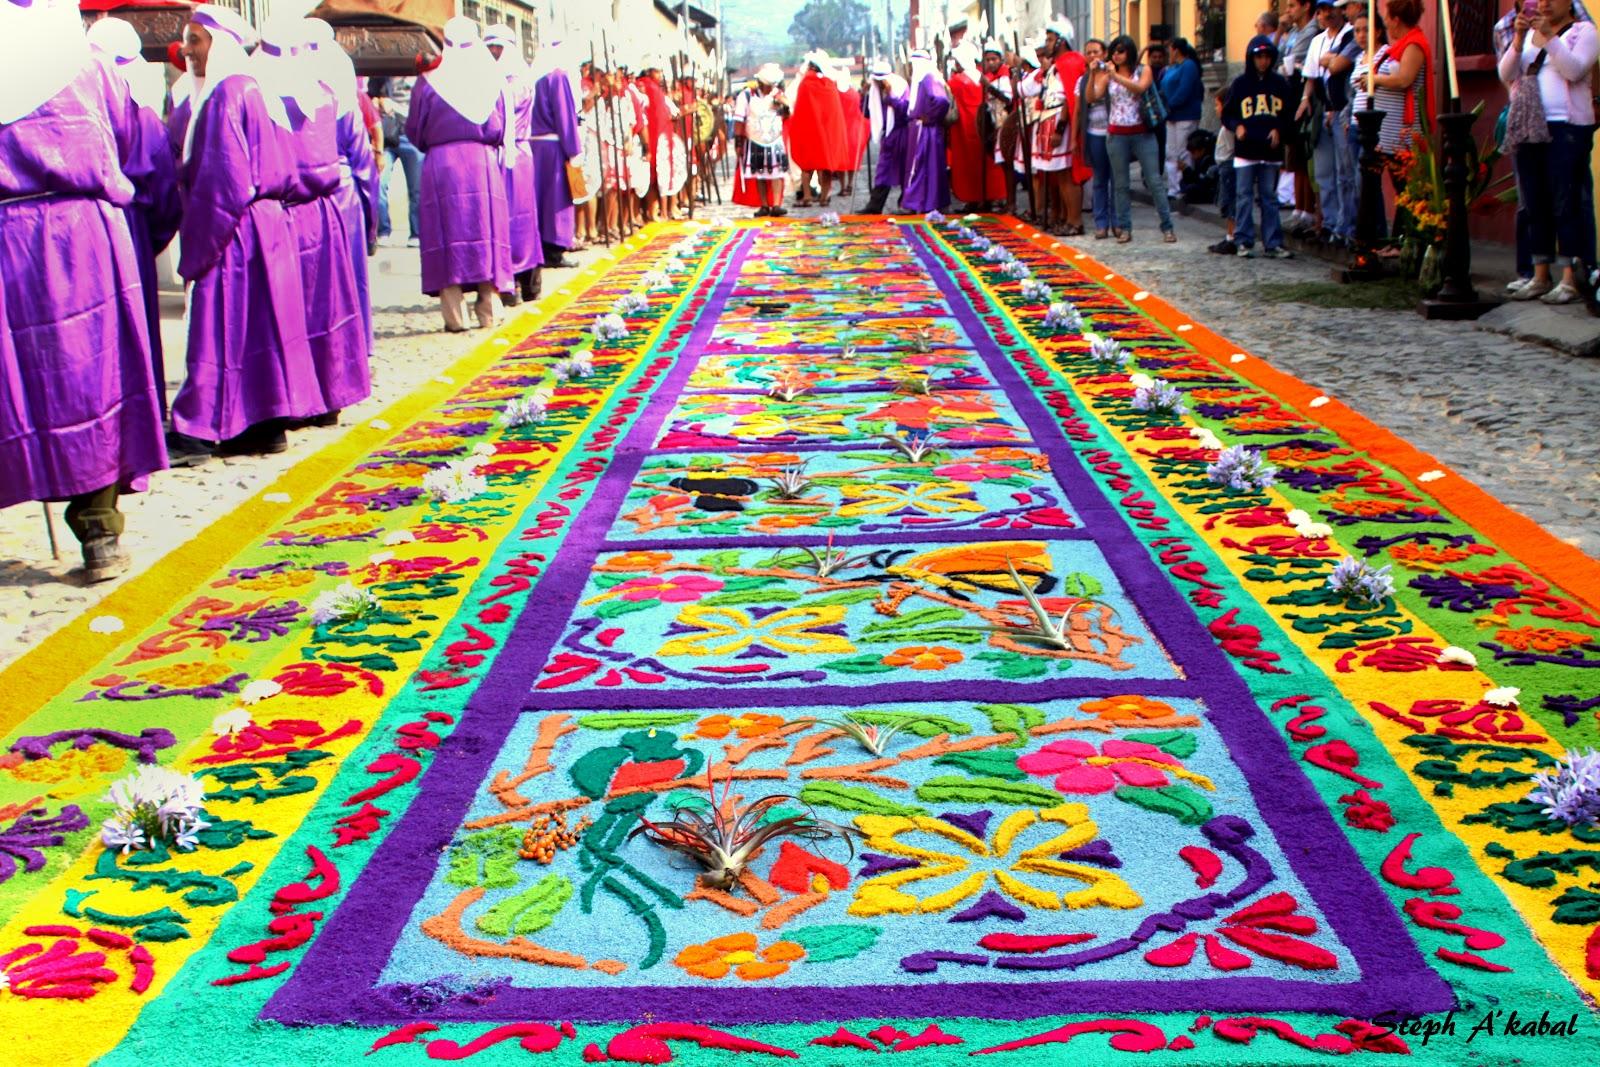 Guatemaltecos intentar n romper r cord con la alfombra m s - Mundo alfombra ...